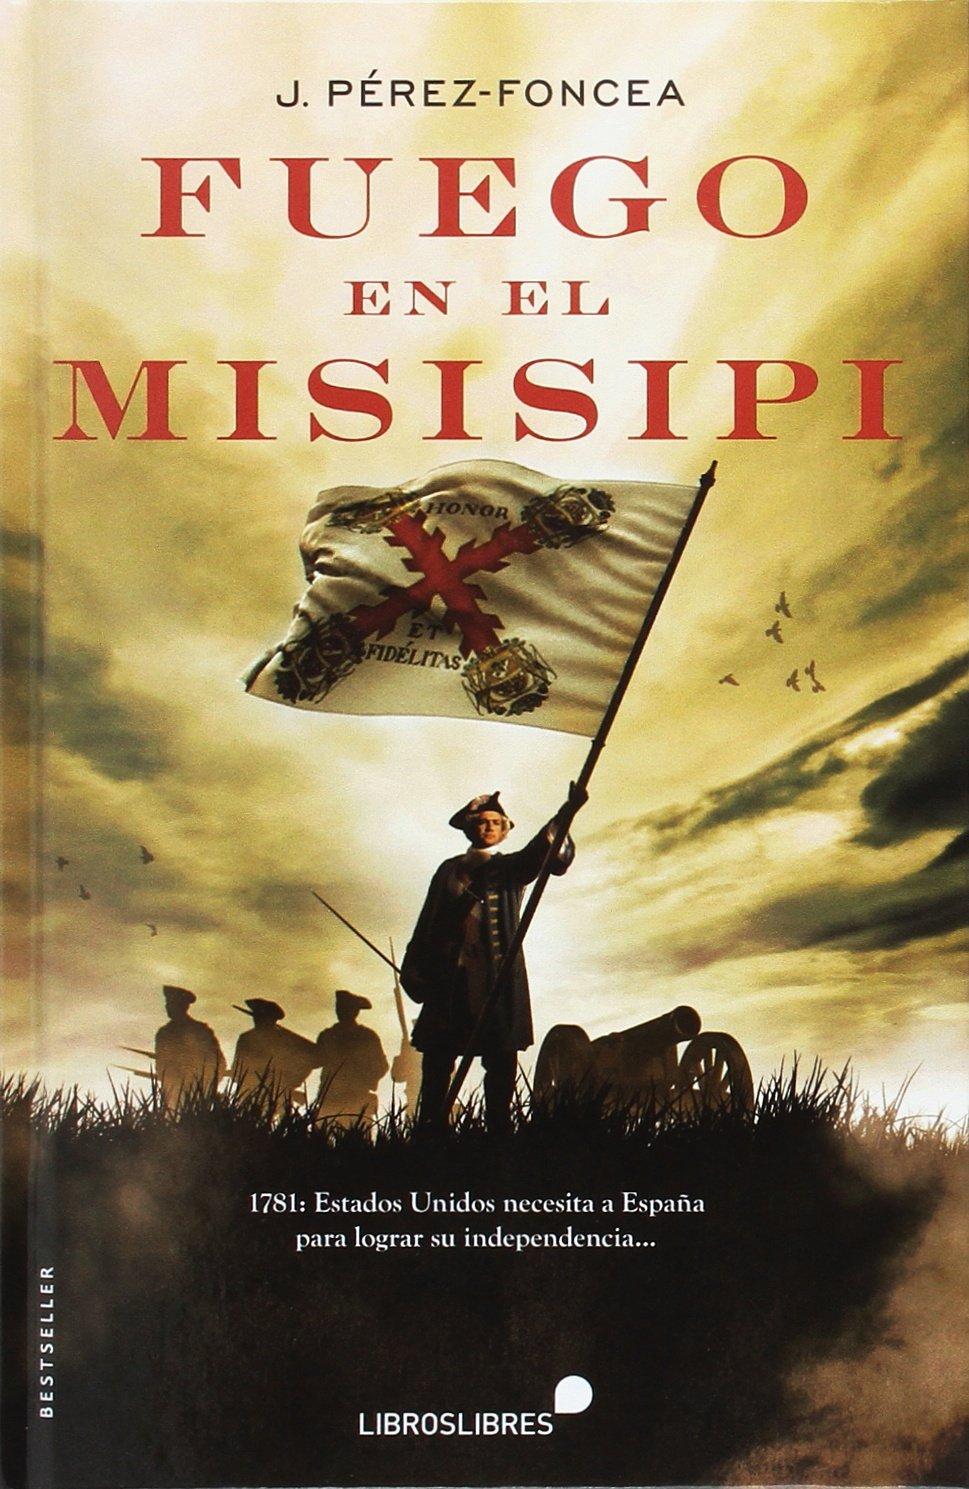 Fuego en el Misisipi: Amazon.es: J. Pérez Foncea: Libros